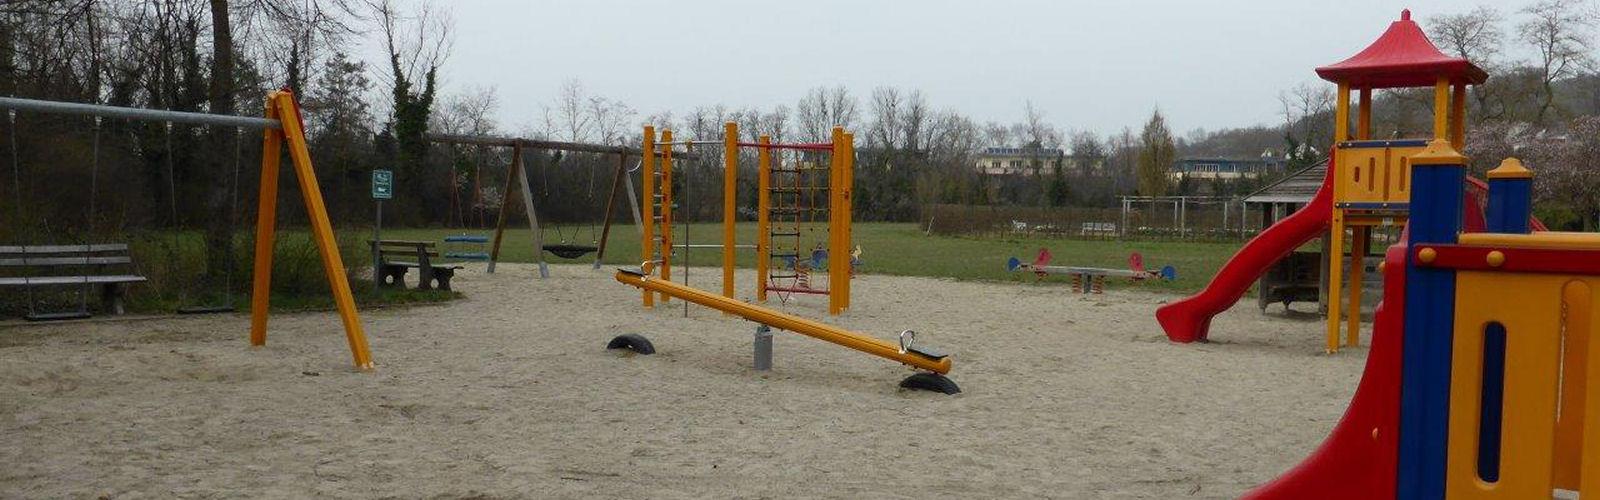 Spielplatz im Kurpark, Bad-Bellingen